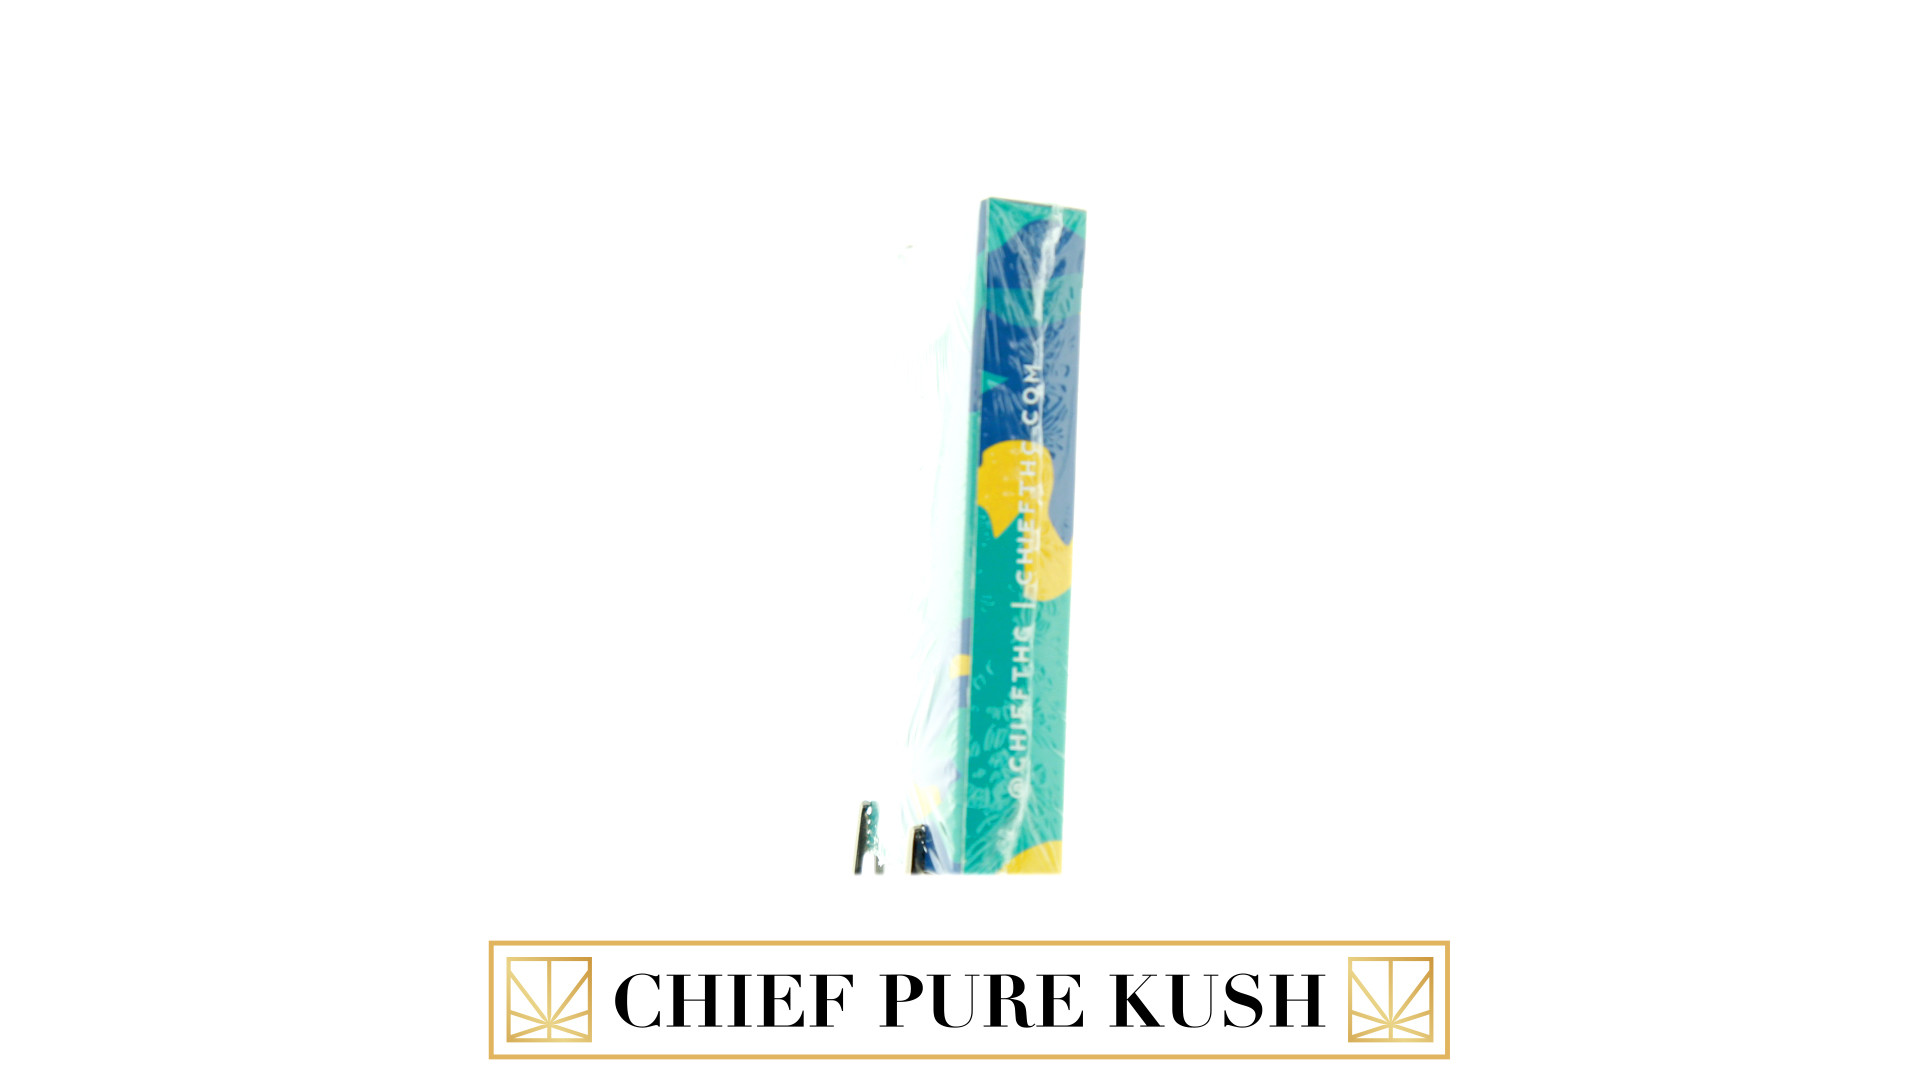 Chief - Pure Kush